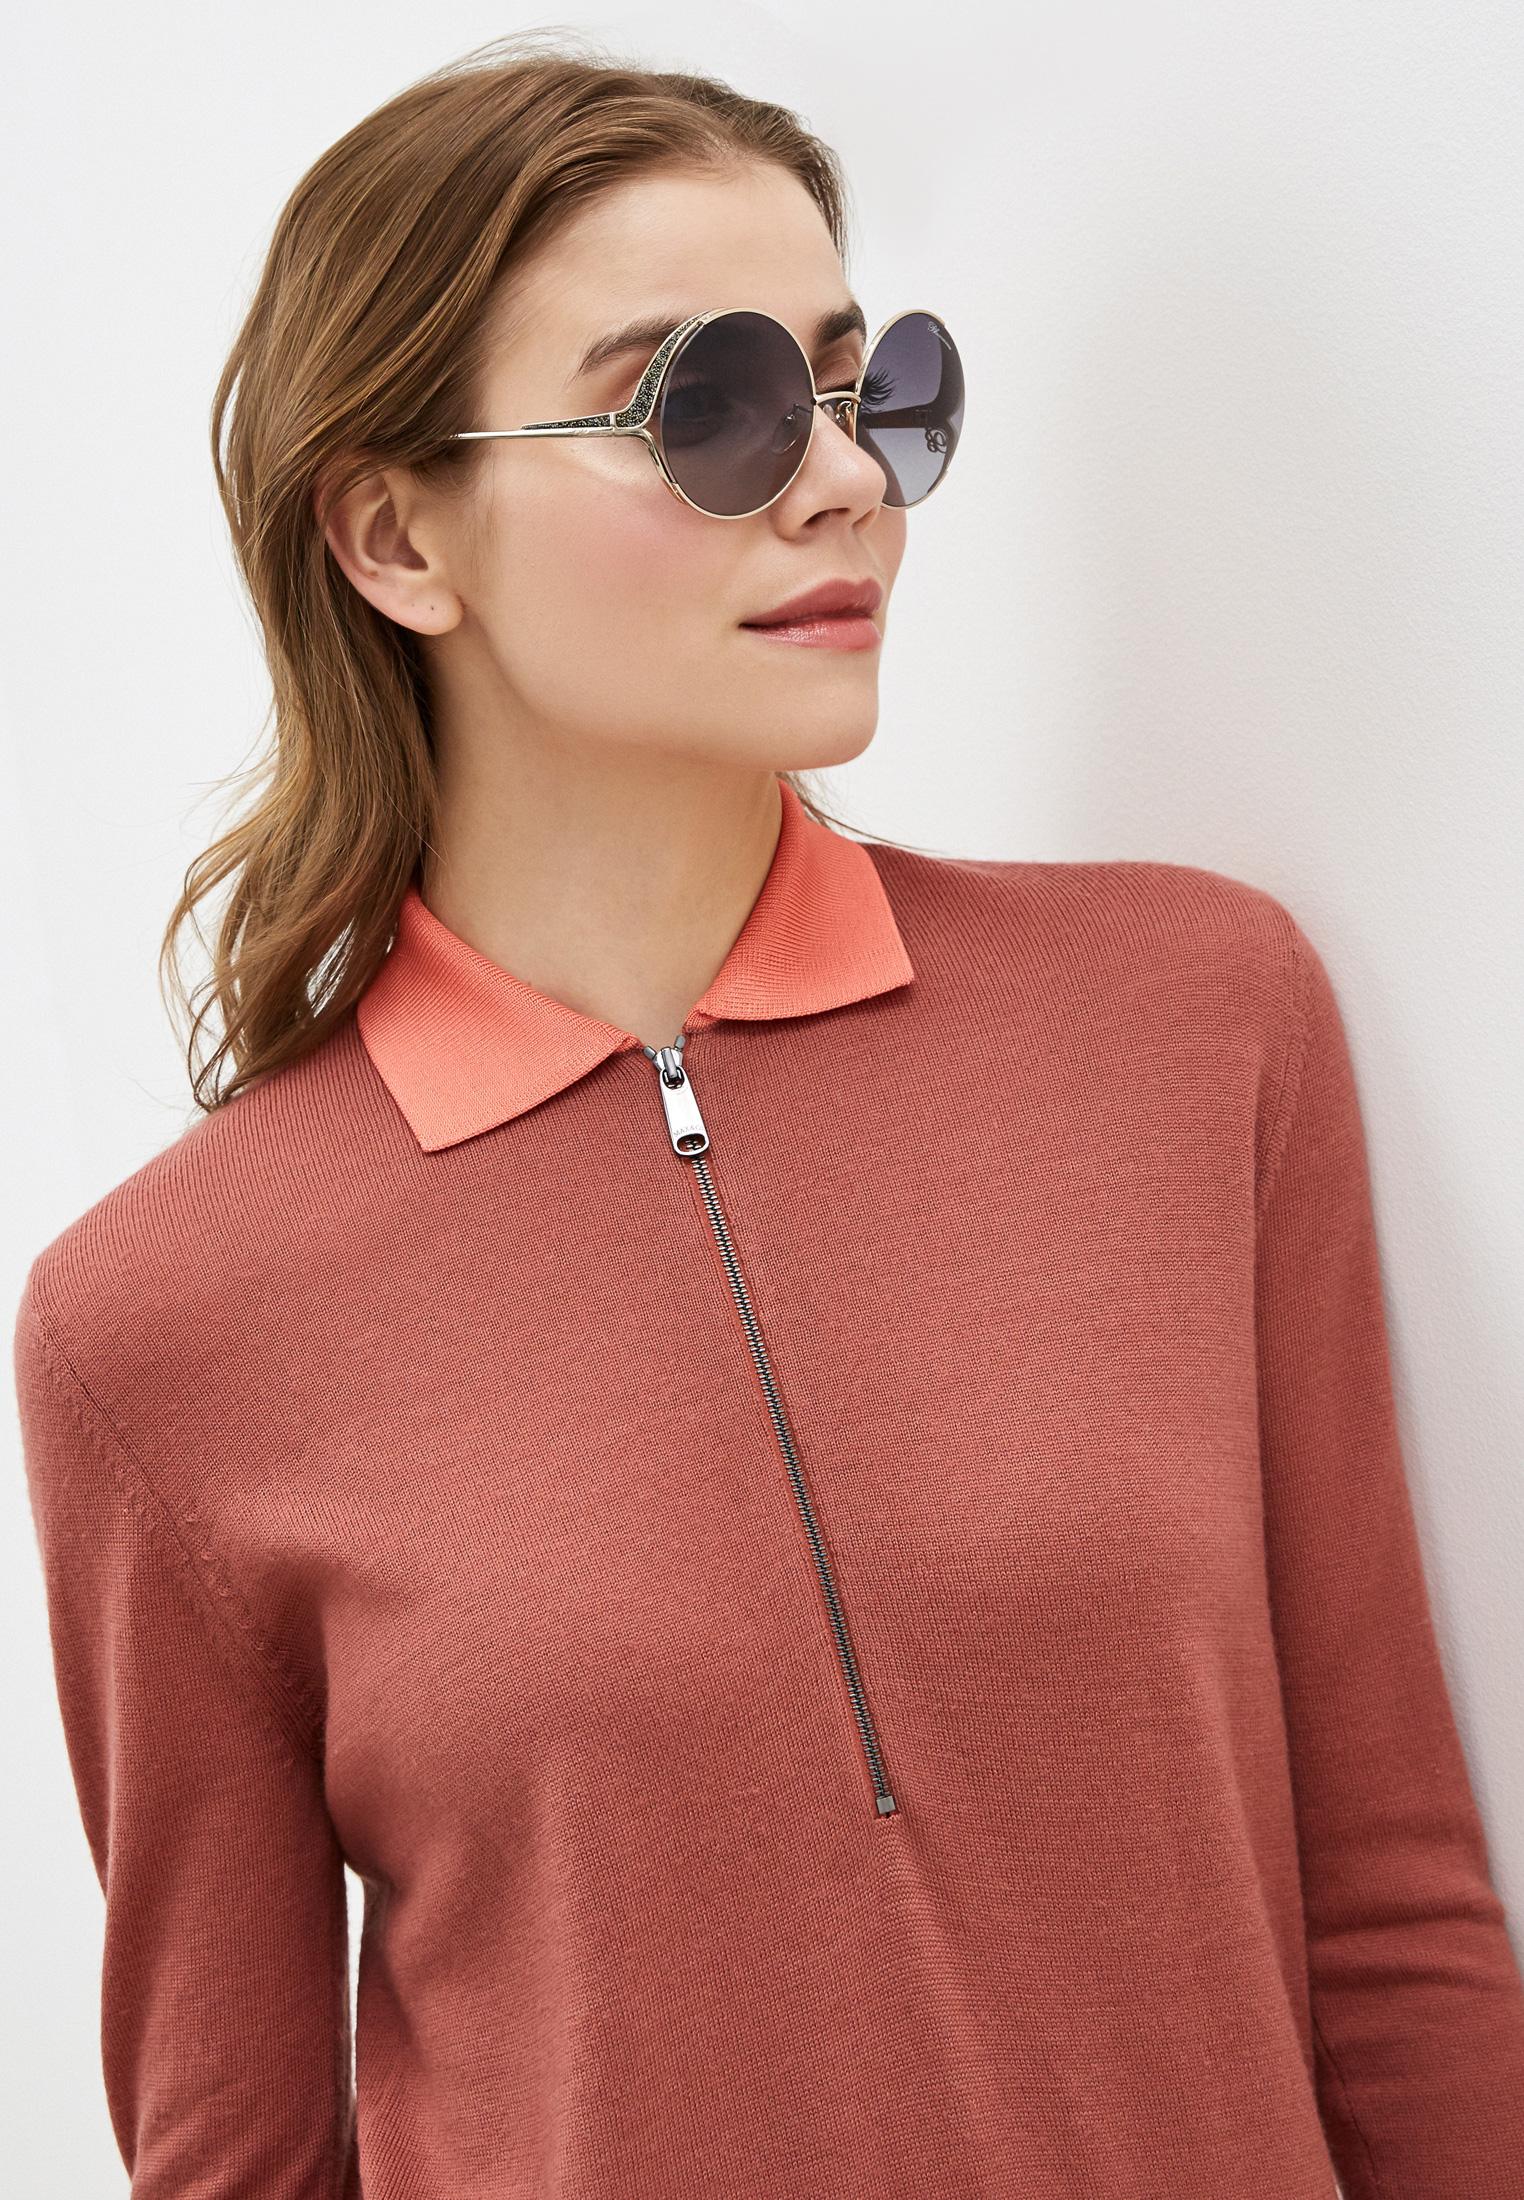 Женские солнцезащитные очки Blumarine Blumarine-139S-300Y: изображение 1